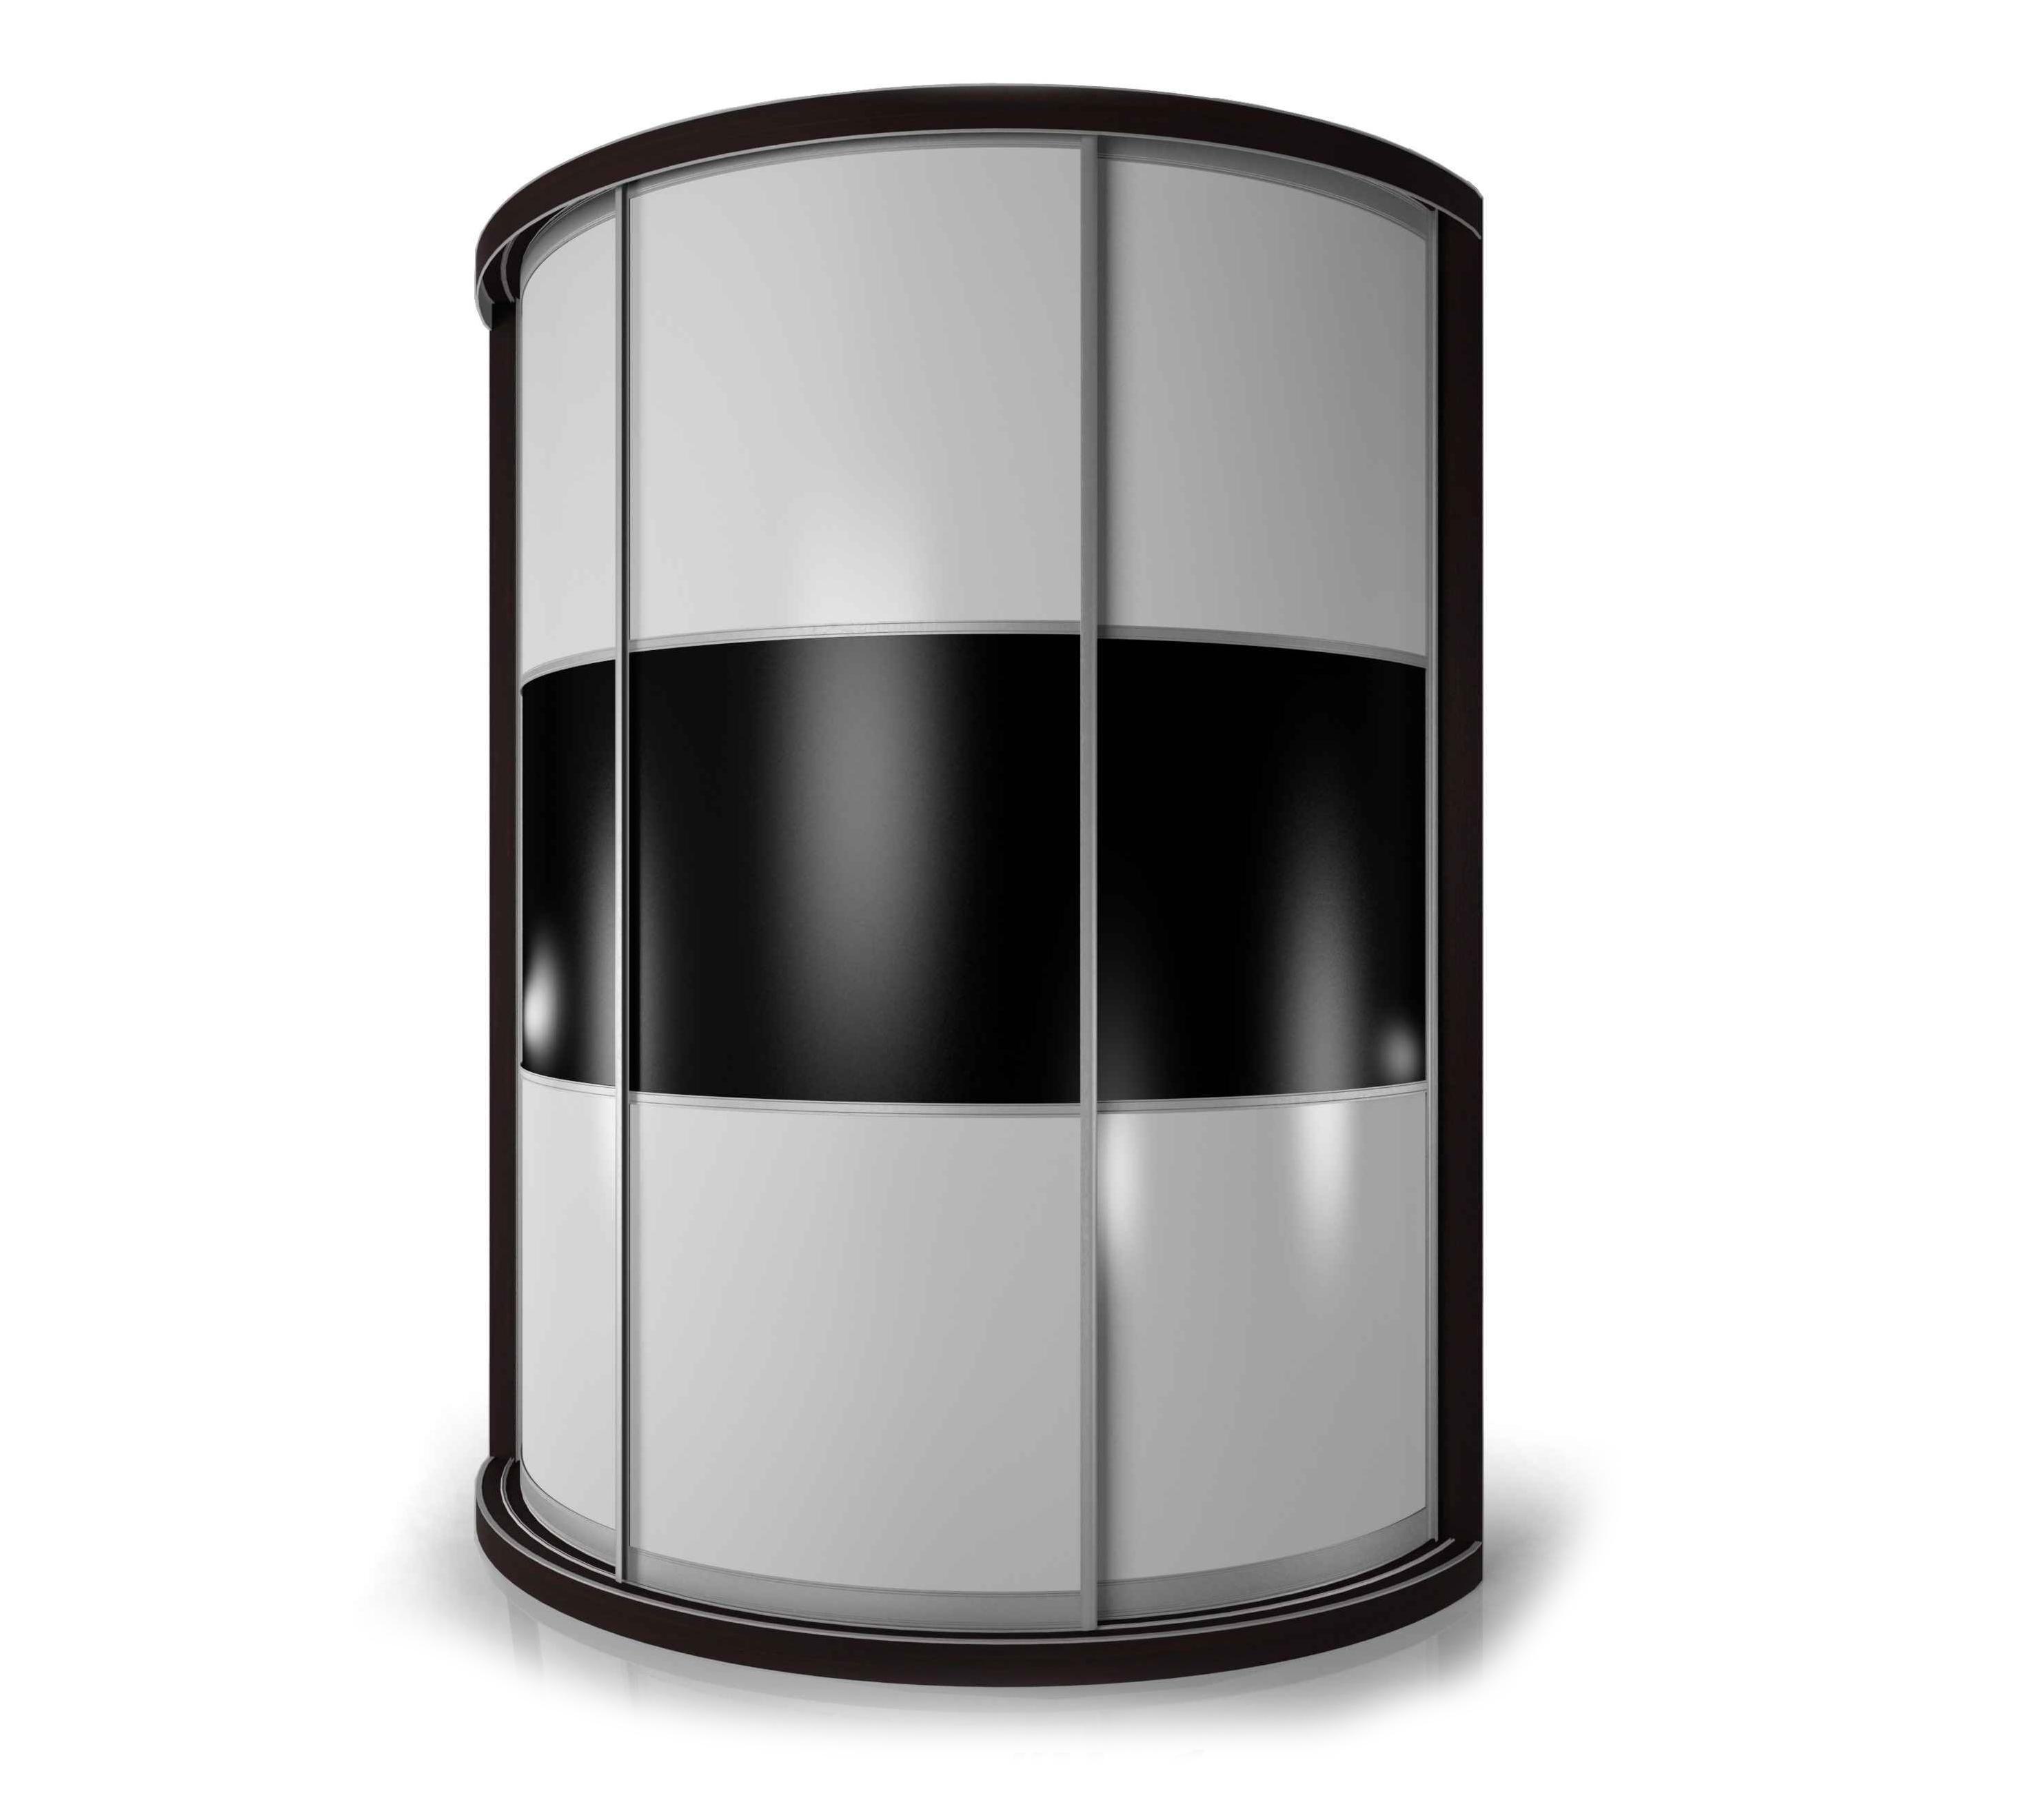 Радиусный шкаф-купе Мебелайн-10 радиусный шкаф купе мебелайн 2